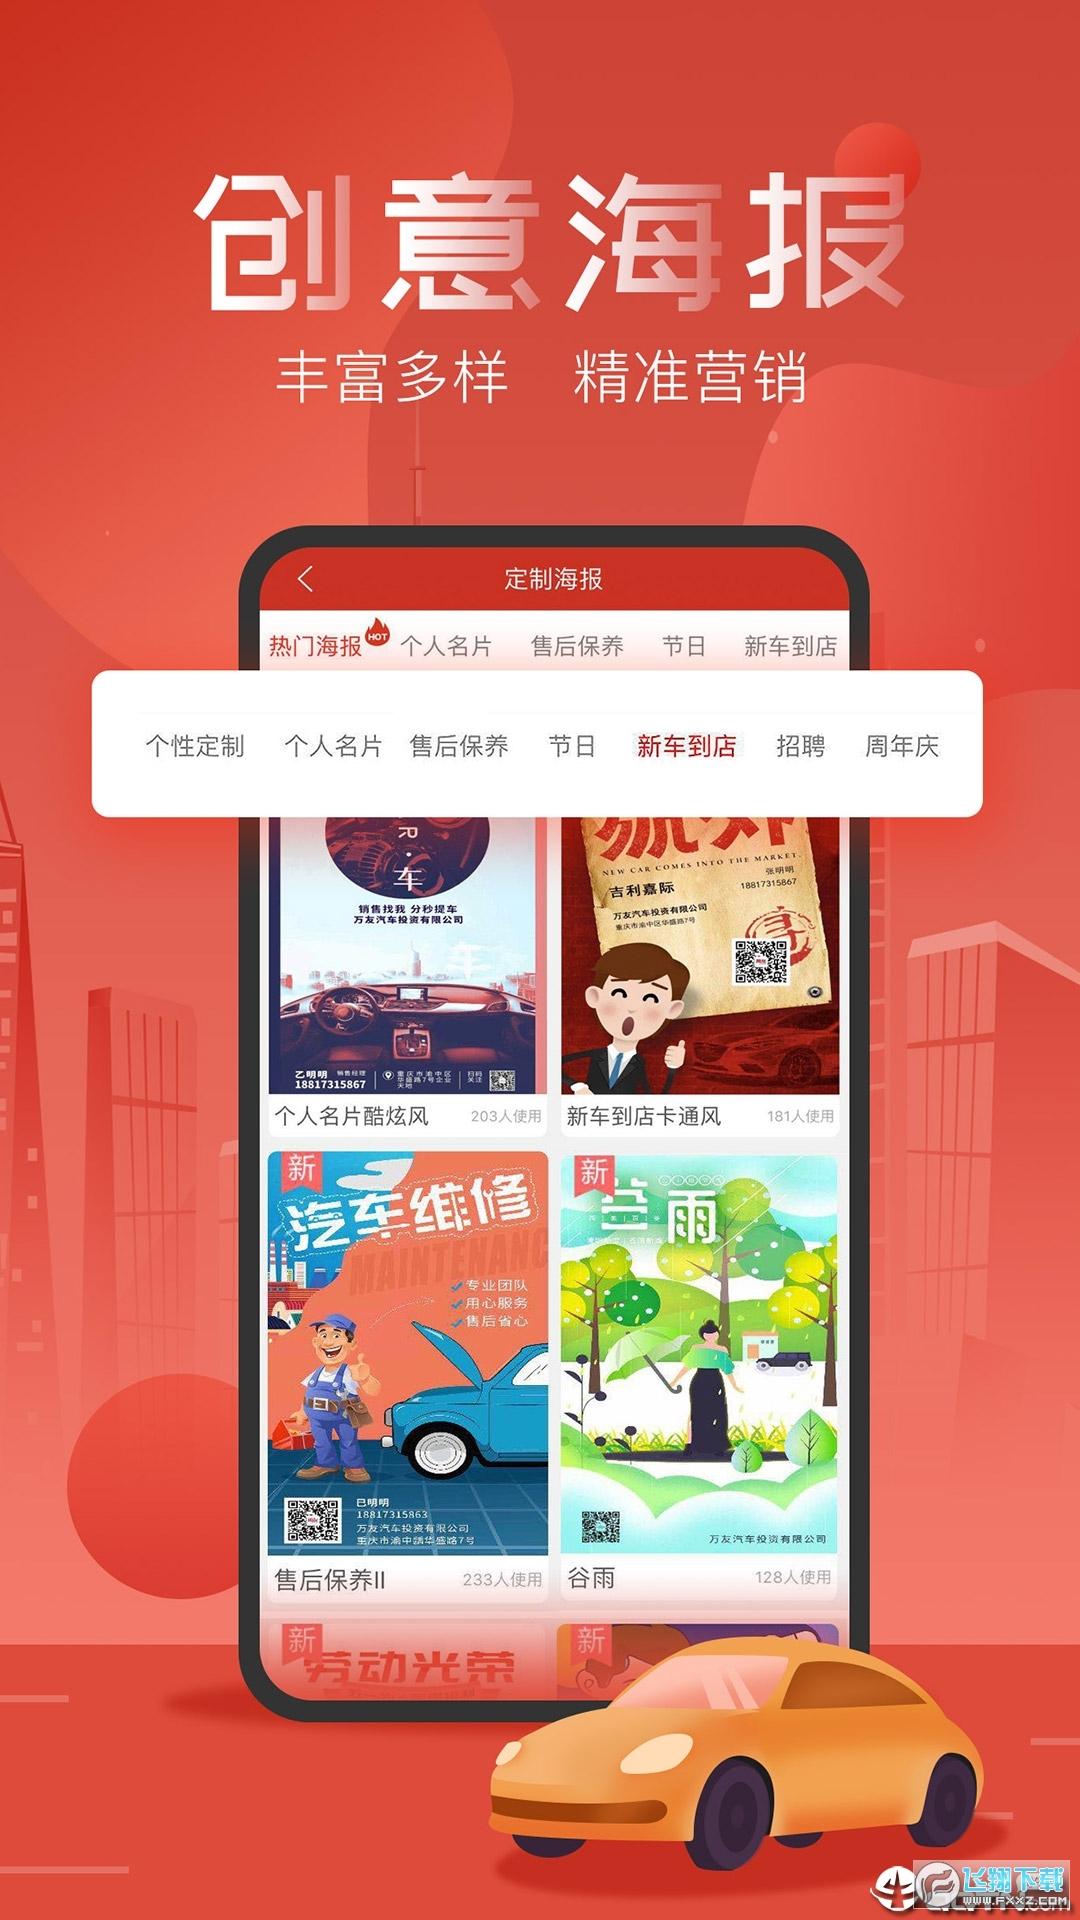 友车帮app最新版1.8.4安卓版截图0